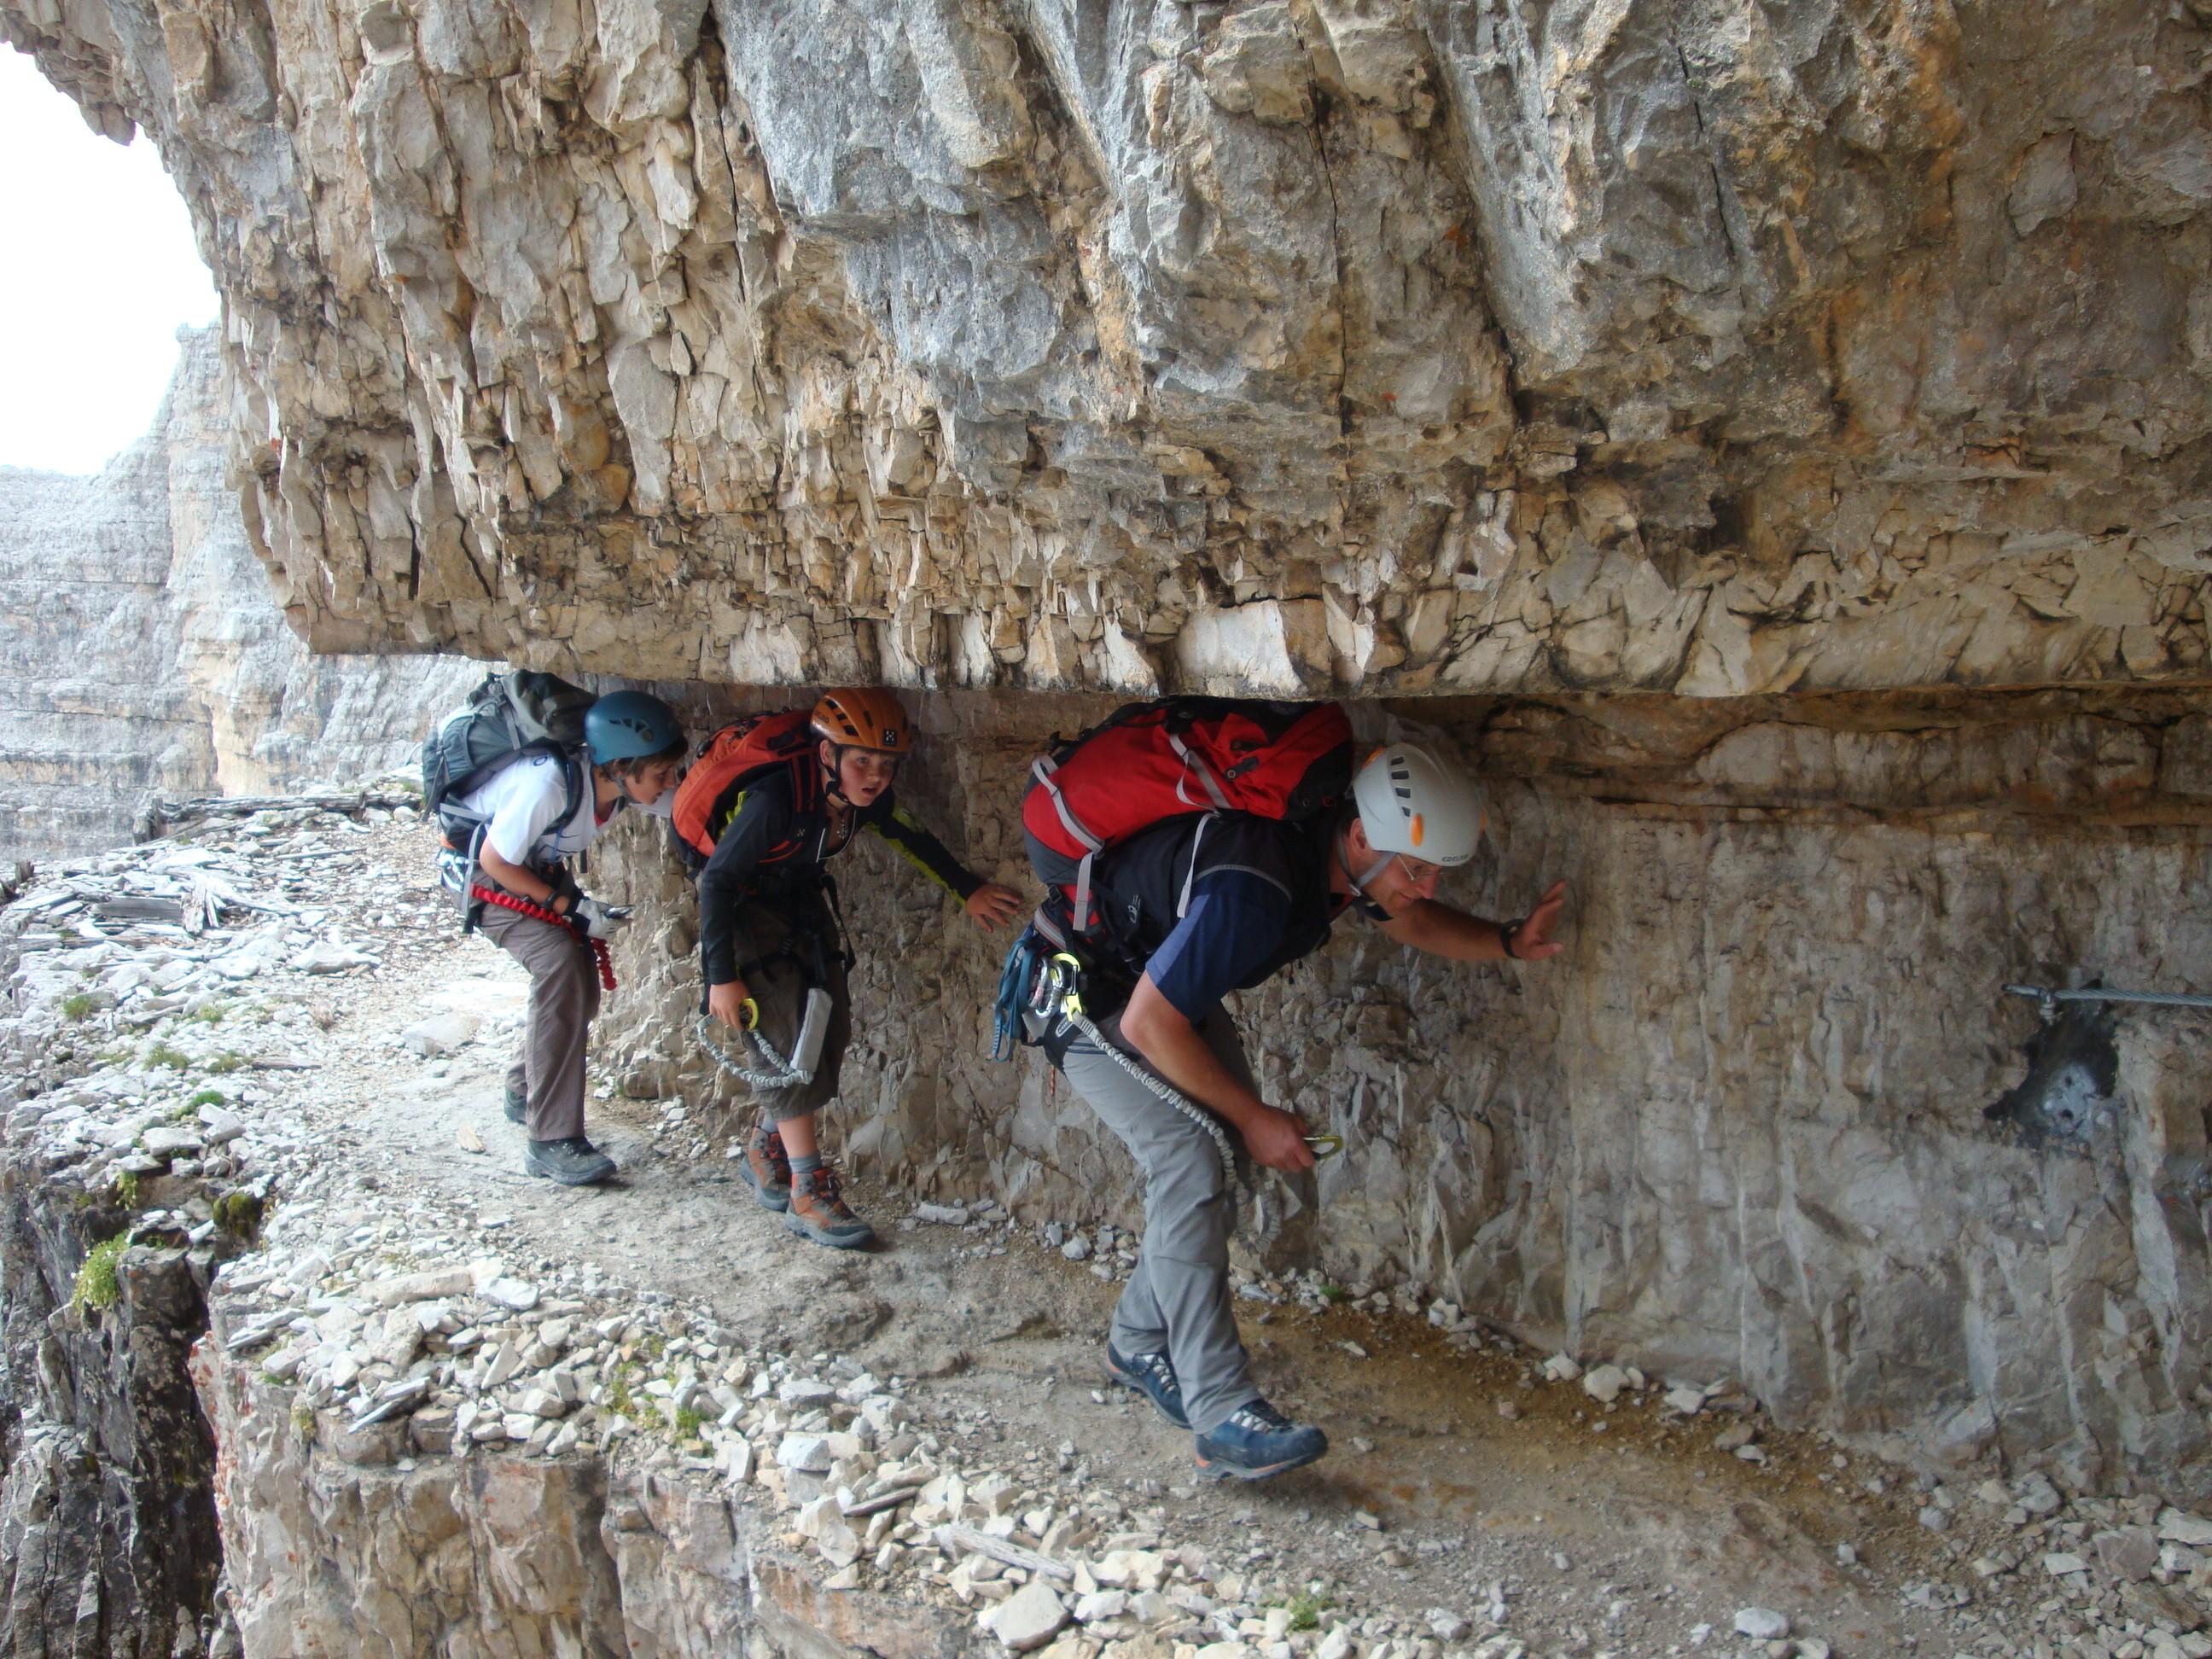 Kletterausrüstung Leihen Garmisch Partenkirchen : Kletterausrüstung verleih garmisch klettern achensee